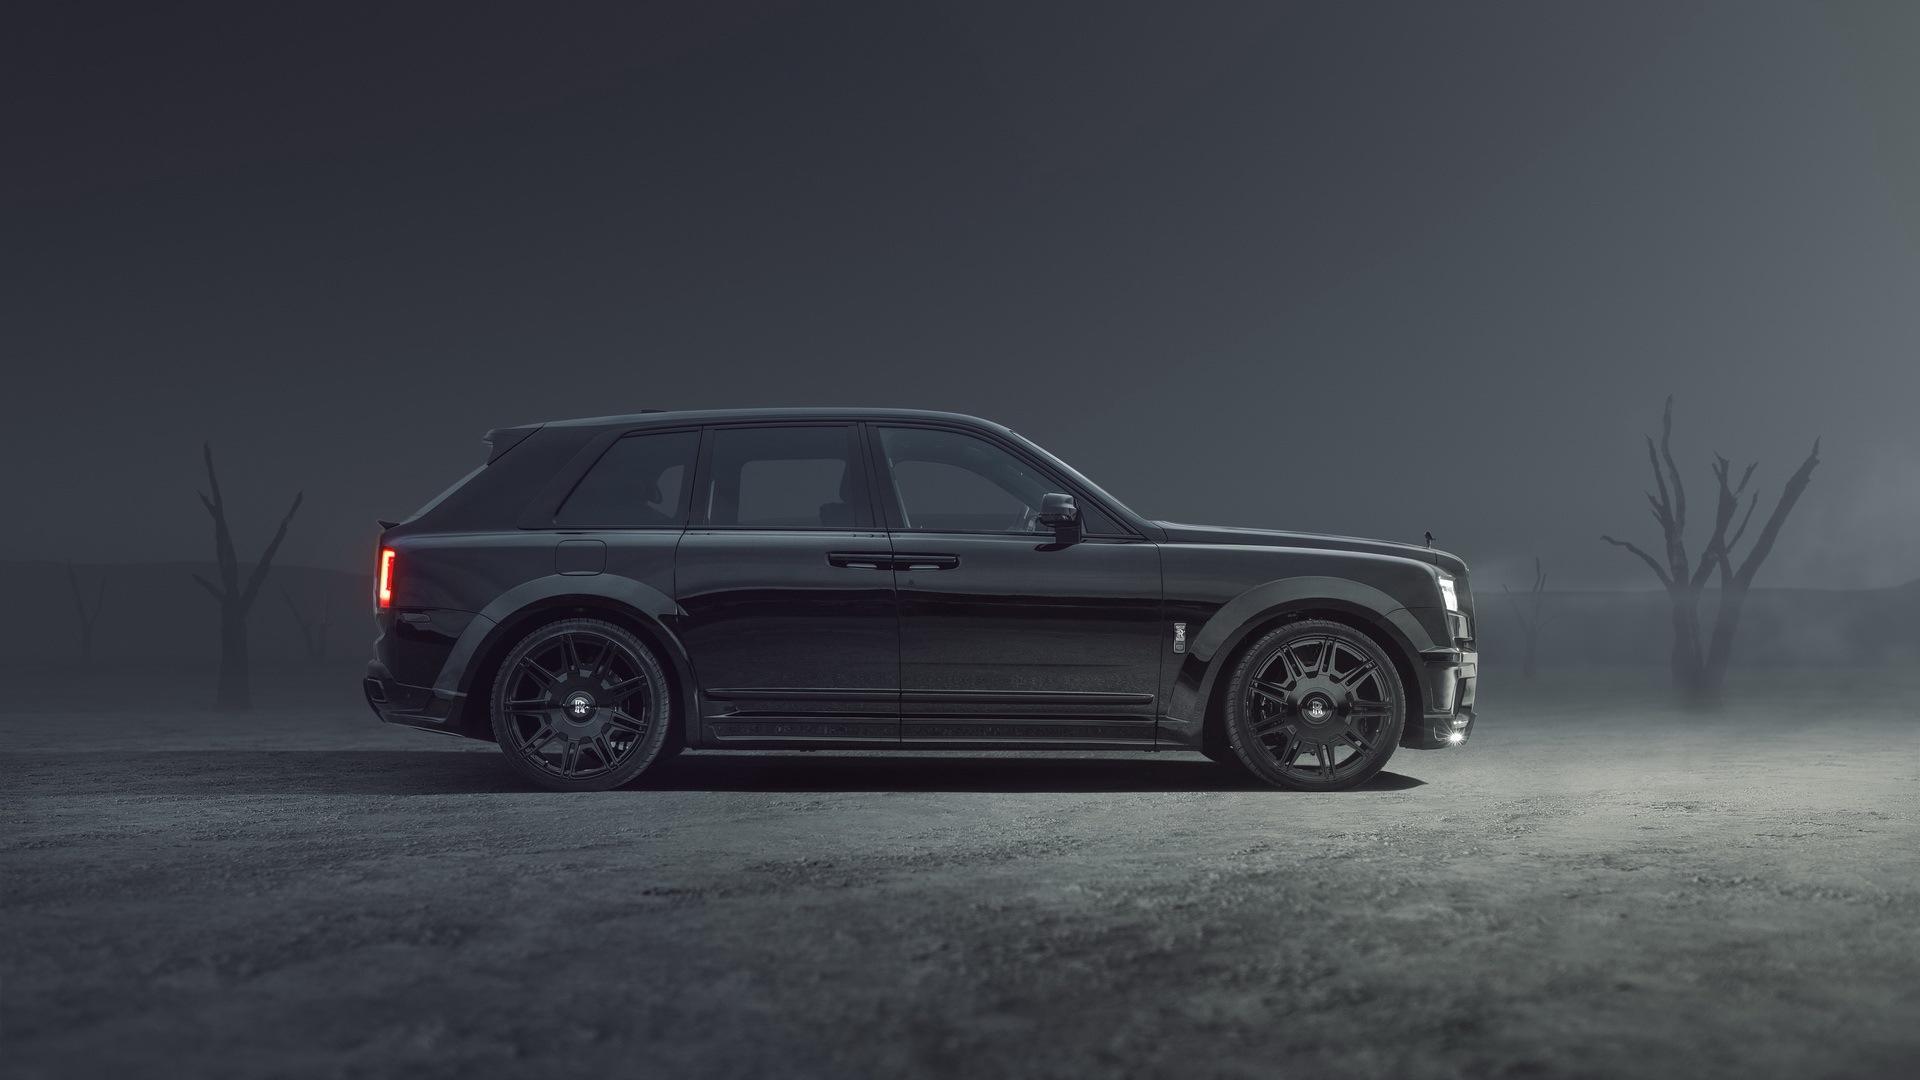 Rolls-Royce_Cullinan_by_Spofec-0005